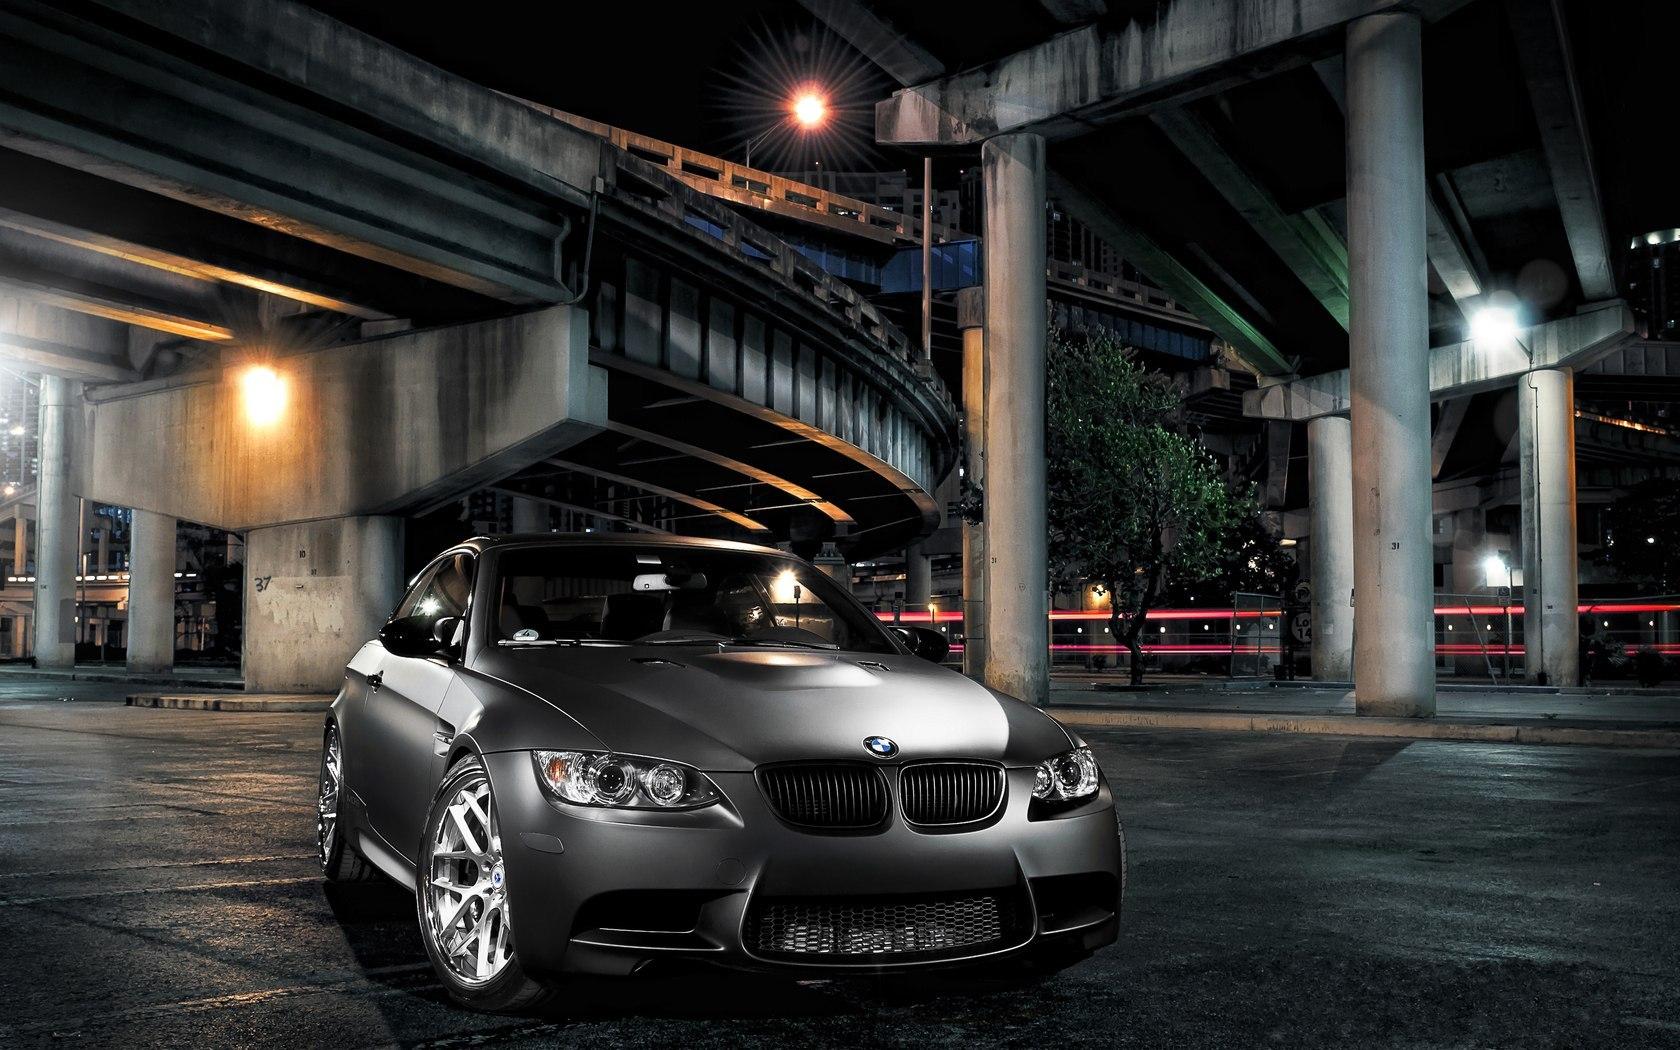 14414 Hintergrundbild herunterladen Transport, Auto, Bmw - Bildschirmschoner und Bilder kostenlos